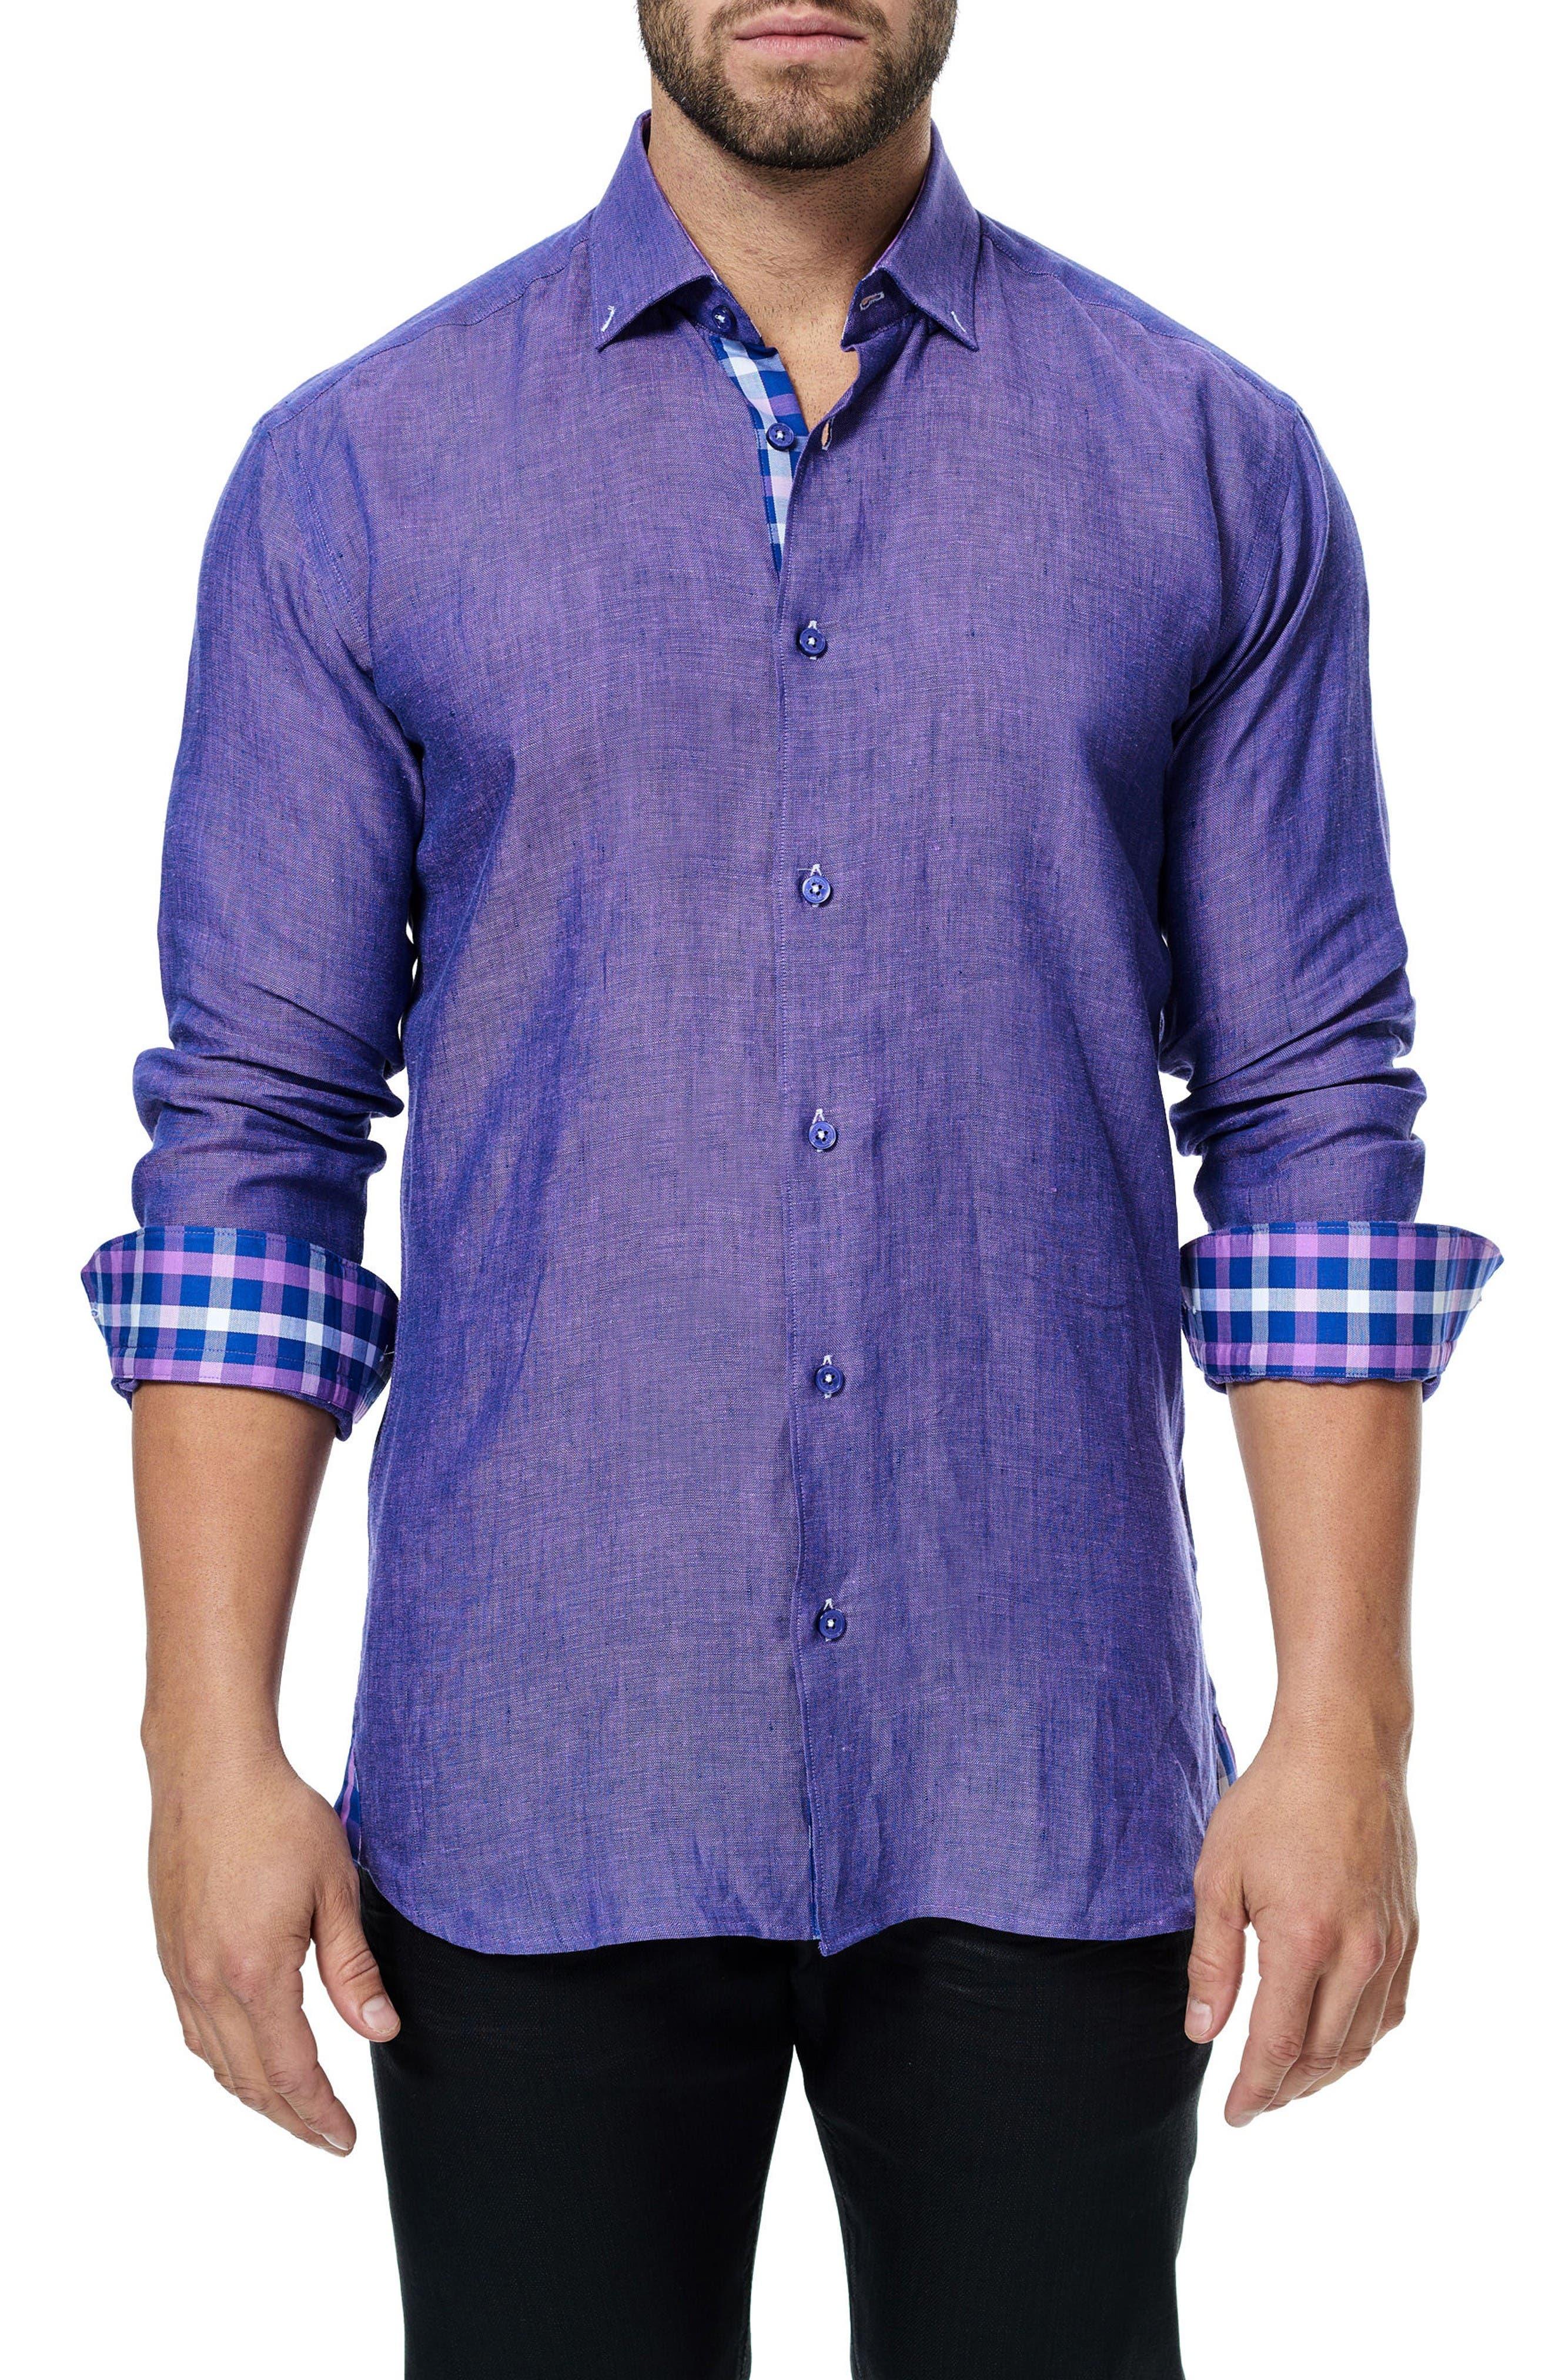 Maceoo Vogue Linen Sport Shirt